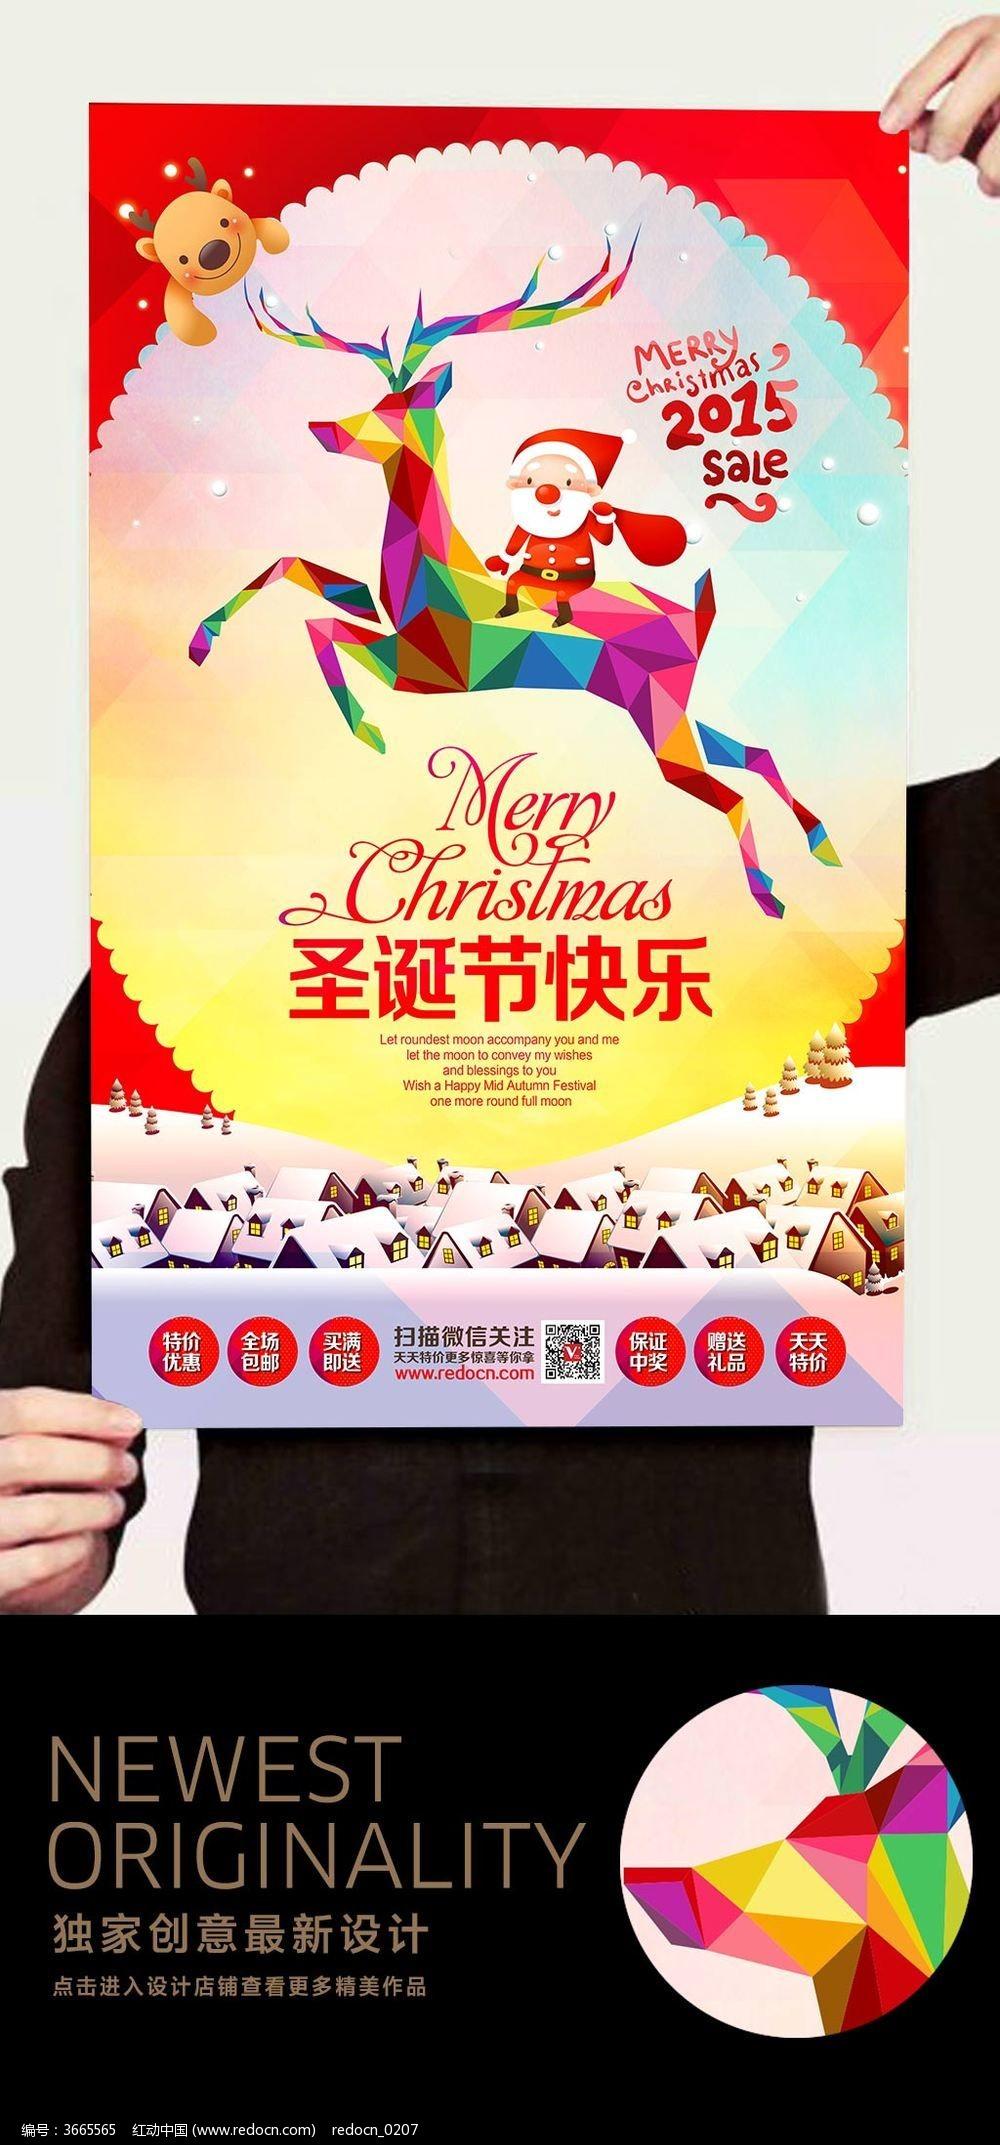 国外创意水彩风圣诞节促销海报图片